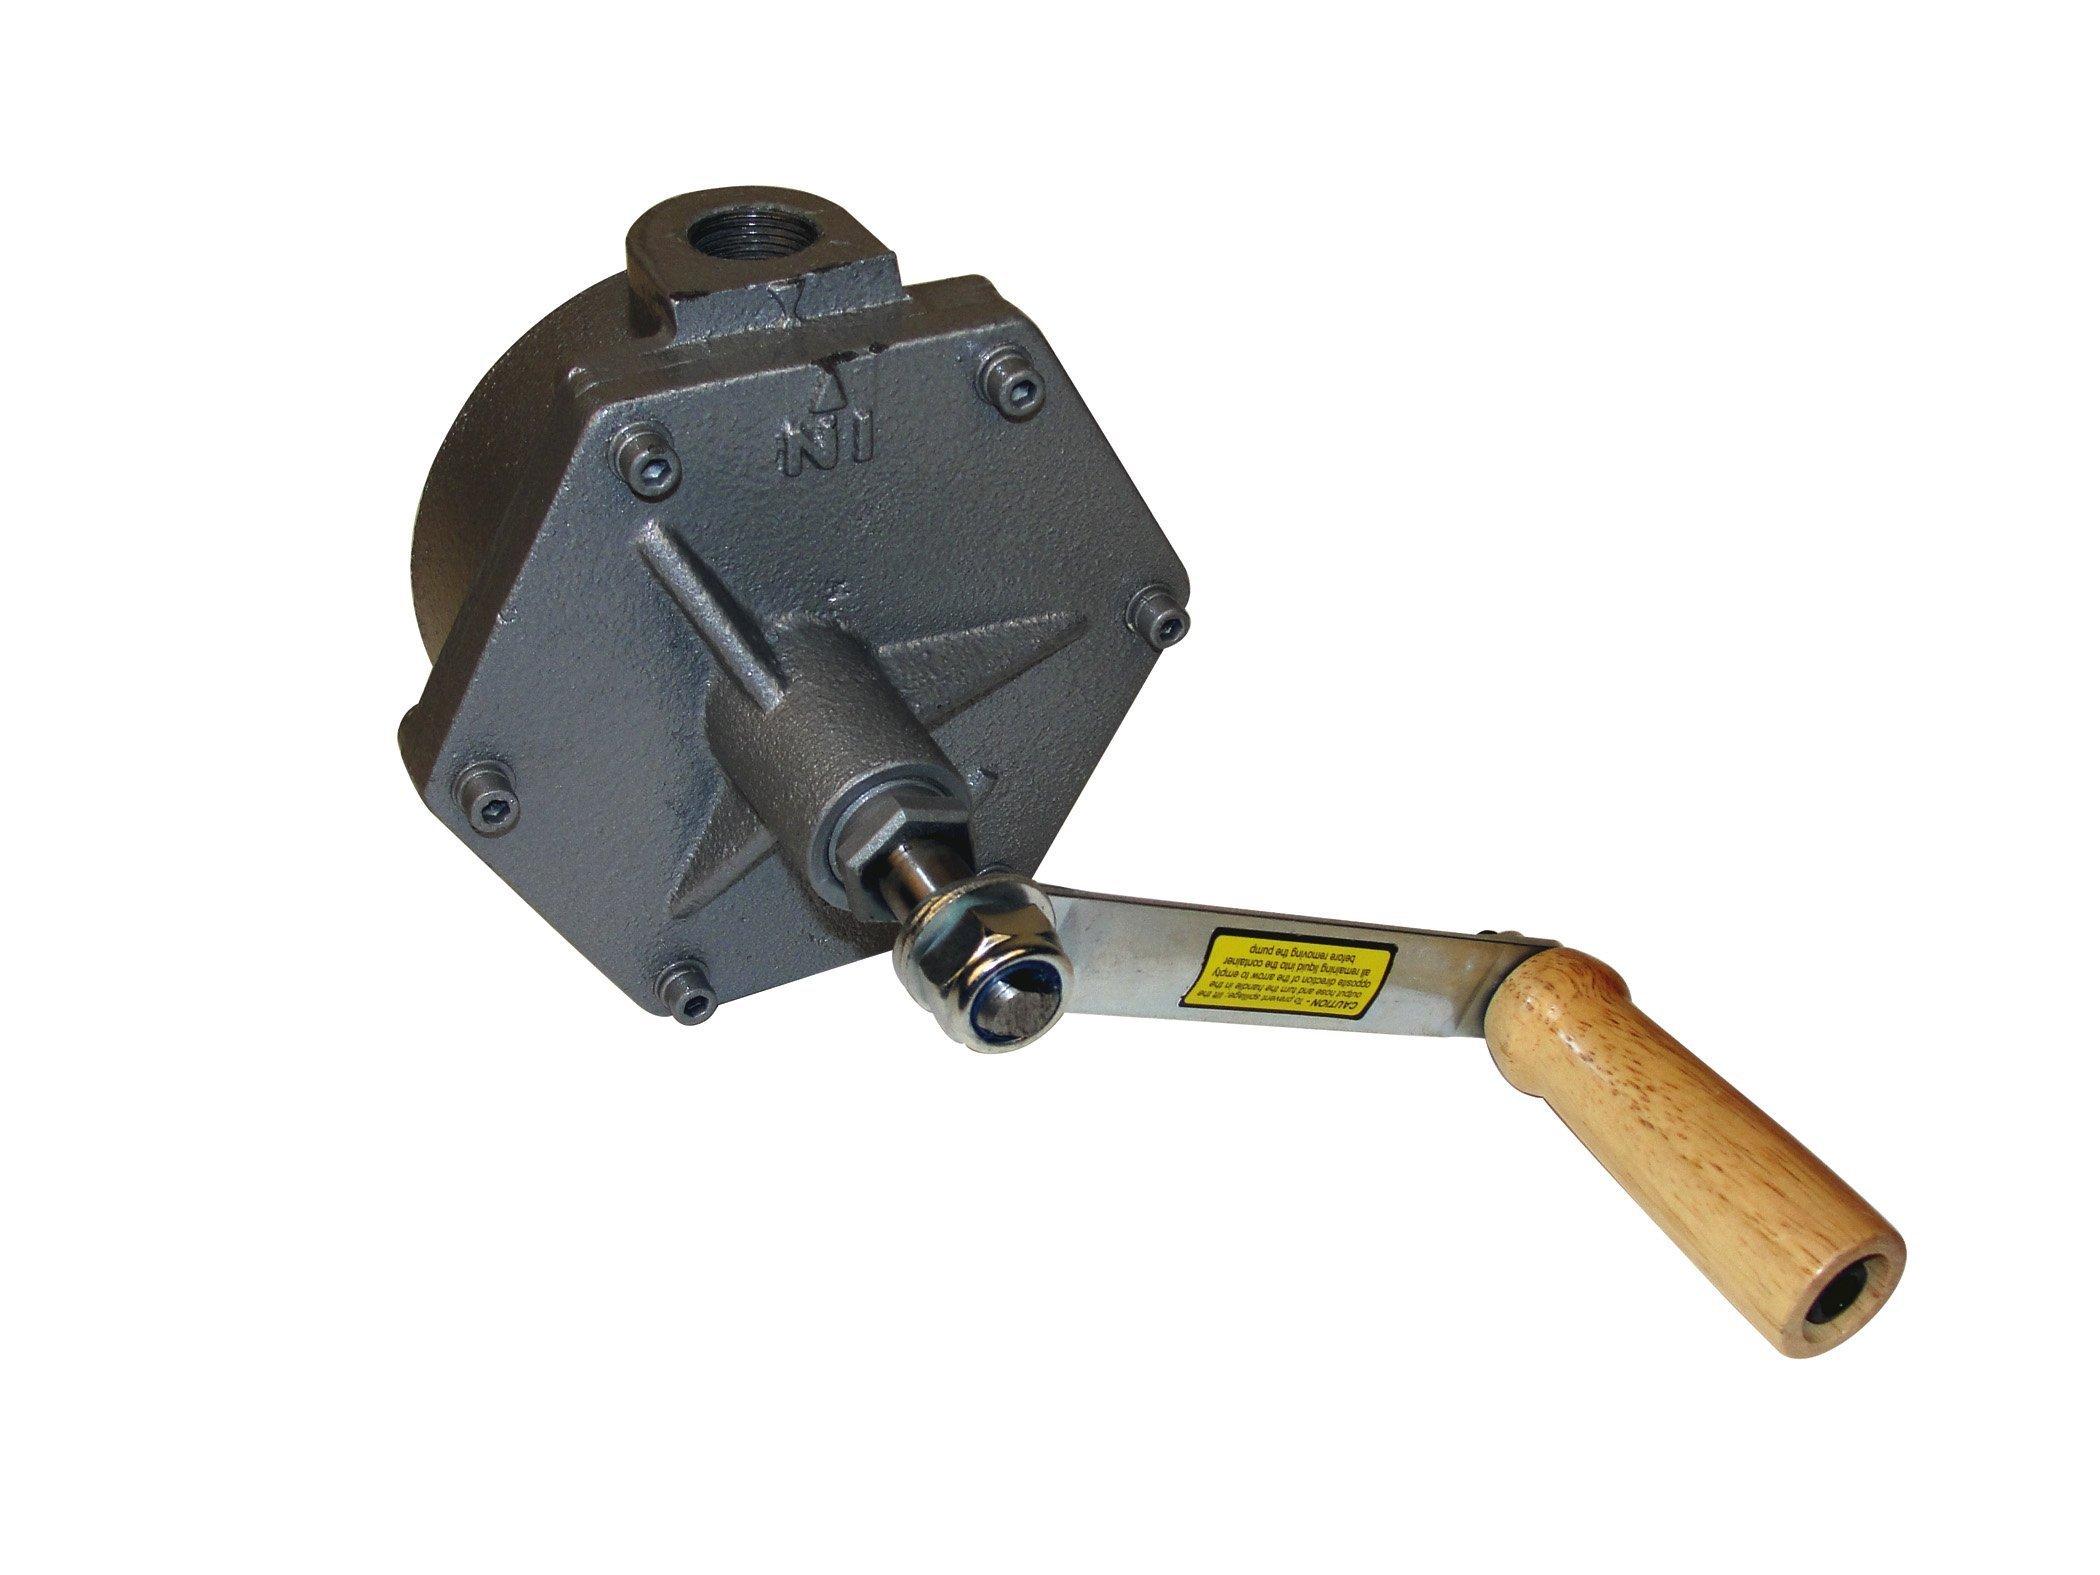 JDI Gas Caddy Replacement Pump JDI-35-UL (12906) by JDI